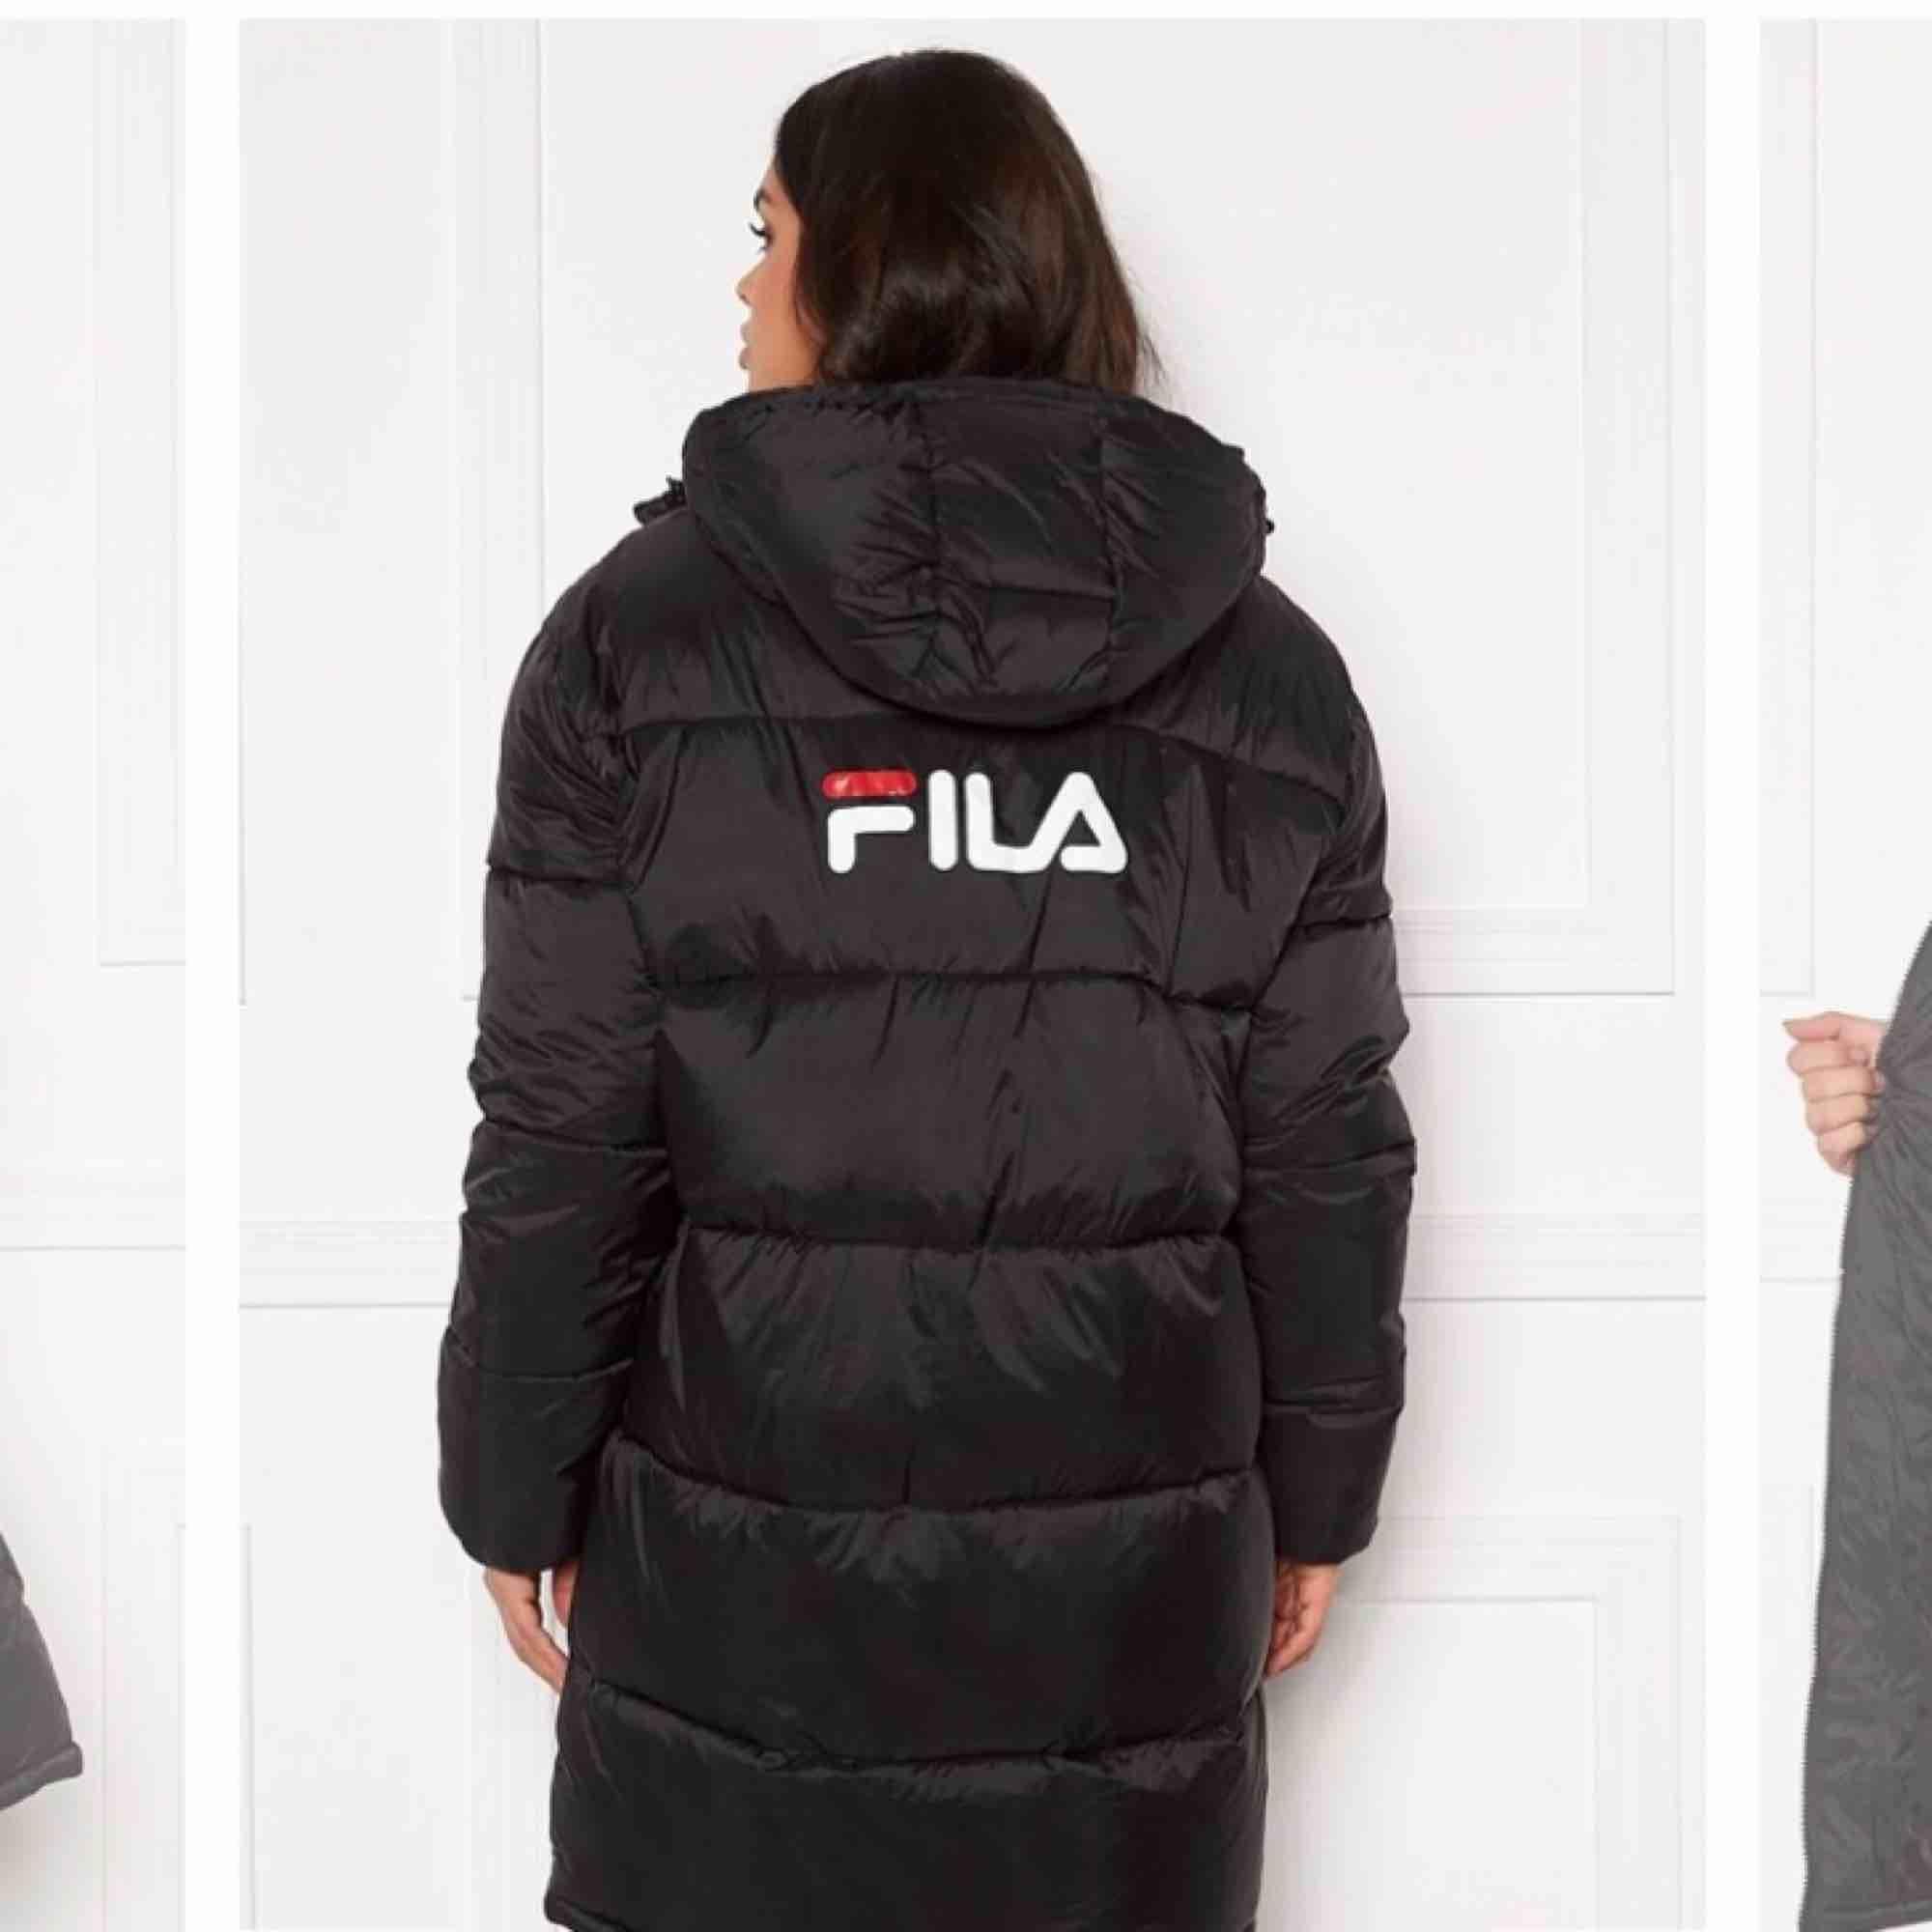 Säljer min fila jacka som är unisex och köpt för 1599kr för ungefär 1 månad sedan. Använd endast en gång. Den är ganska oversized så skulle säga den passa alla från stor M-XL. Beroende på hur man vill att den sittee på dig.. Jackor.